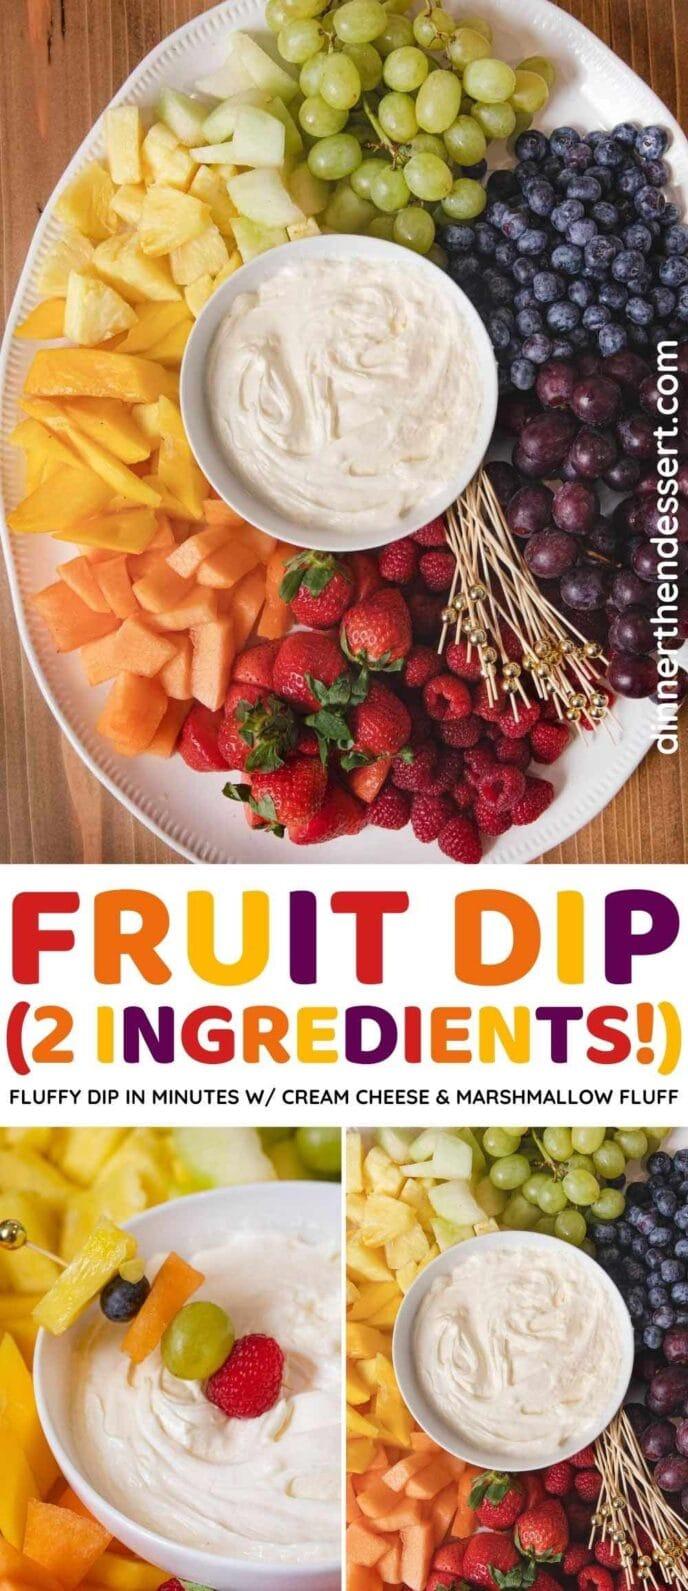 2-ingredient Fruit Dip